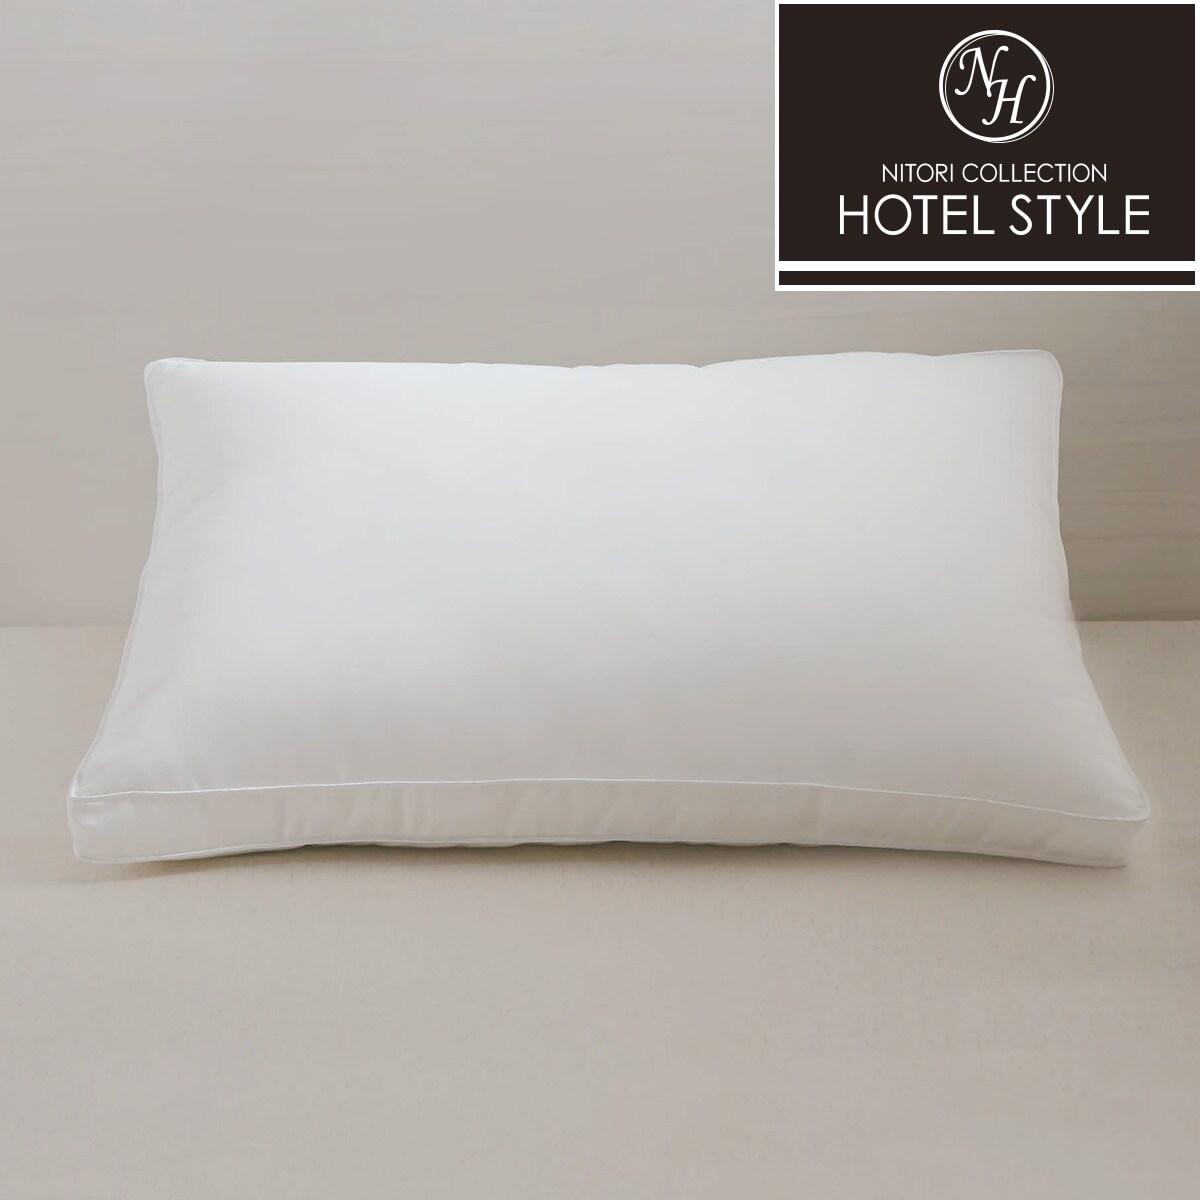 ホテルスタイルまくら 大判(Nホテル2)